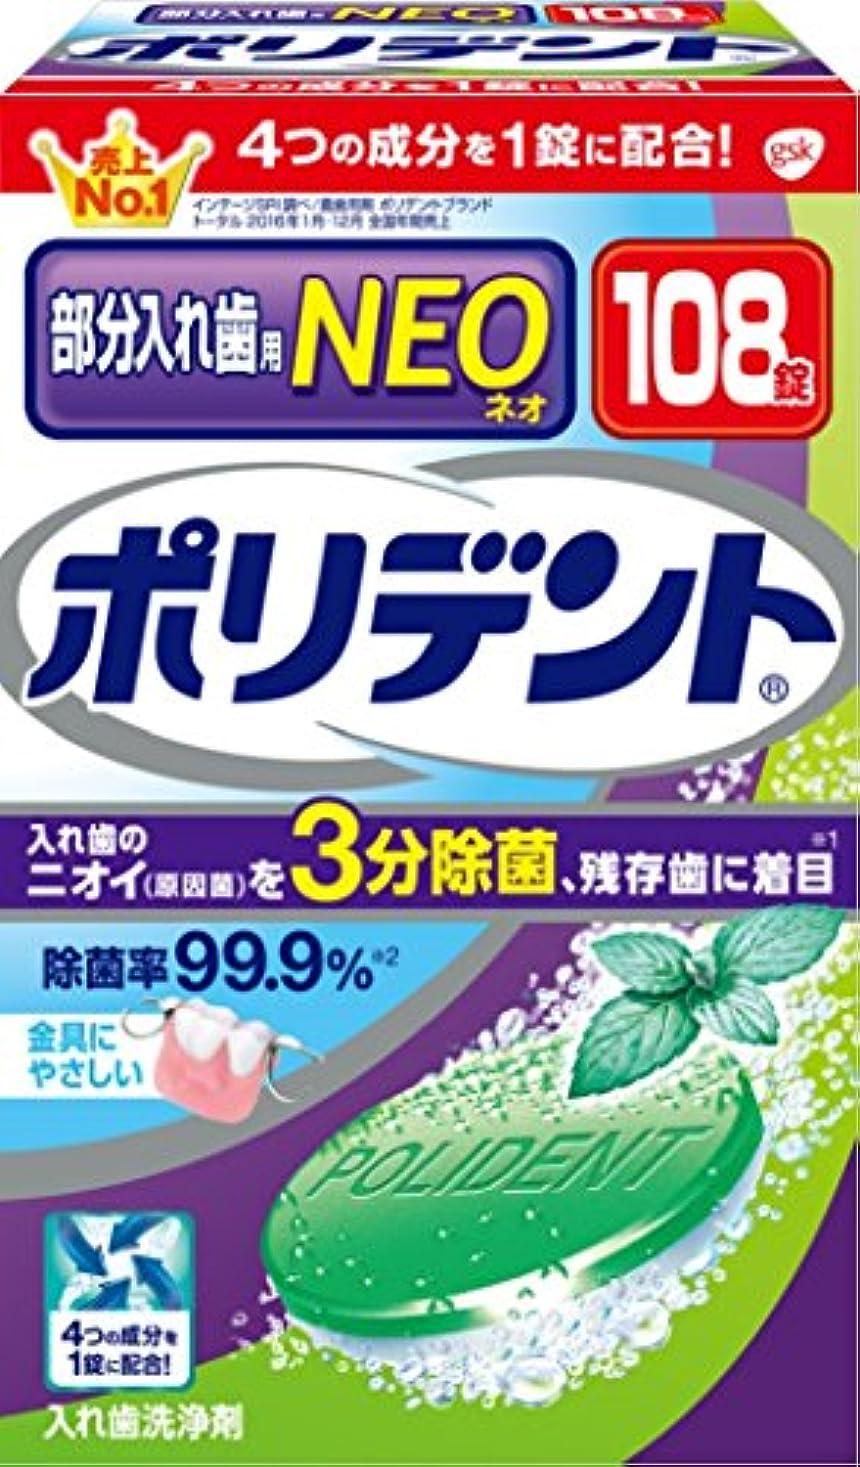 人気所得分析ポリデントNEO 入れ歯洗浄剤 108錠